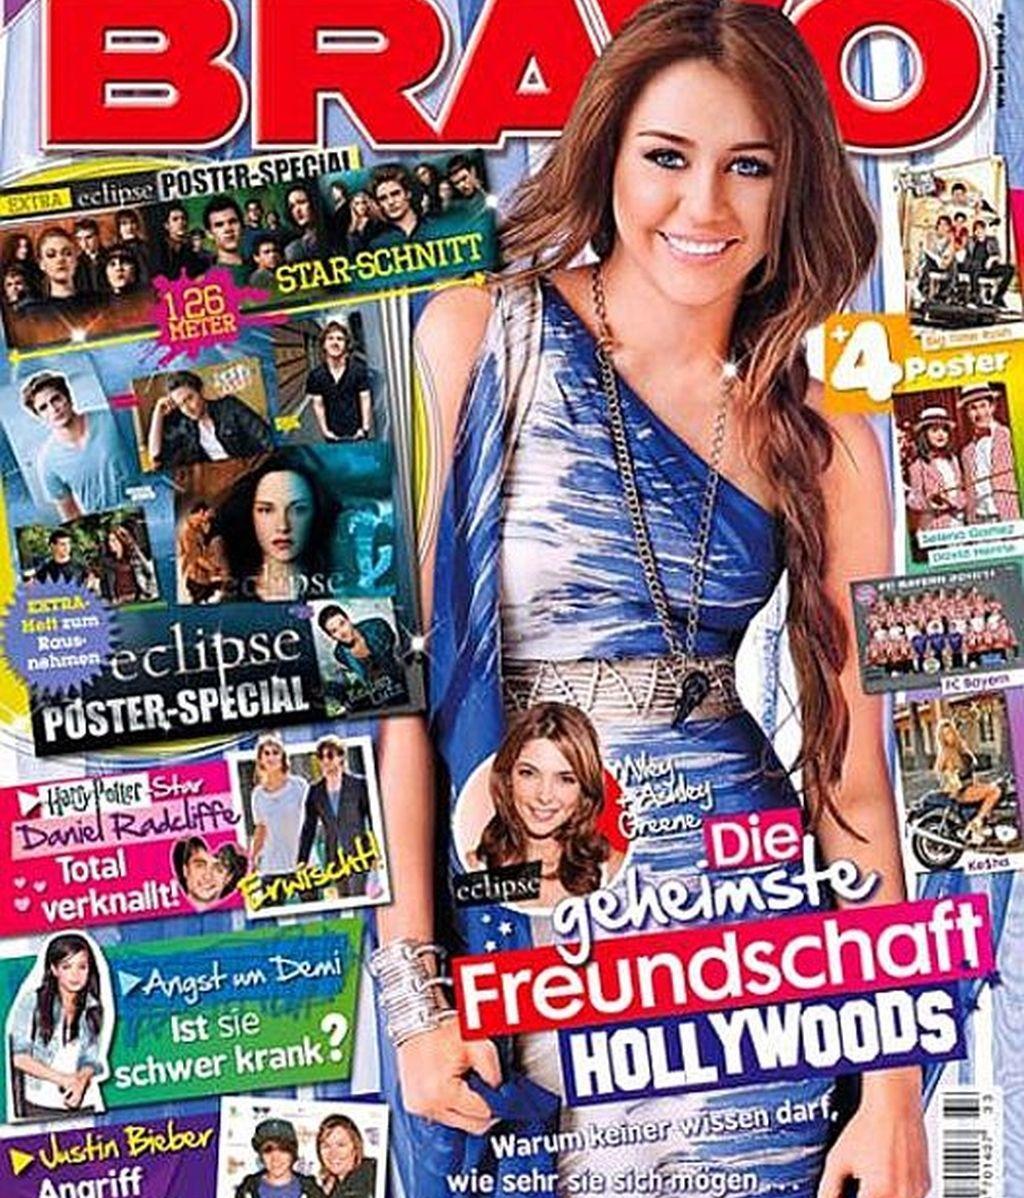 Las revistas se disputan a Miley Cyrus